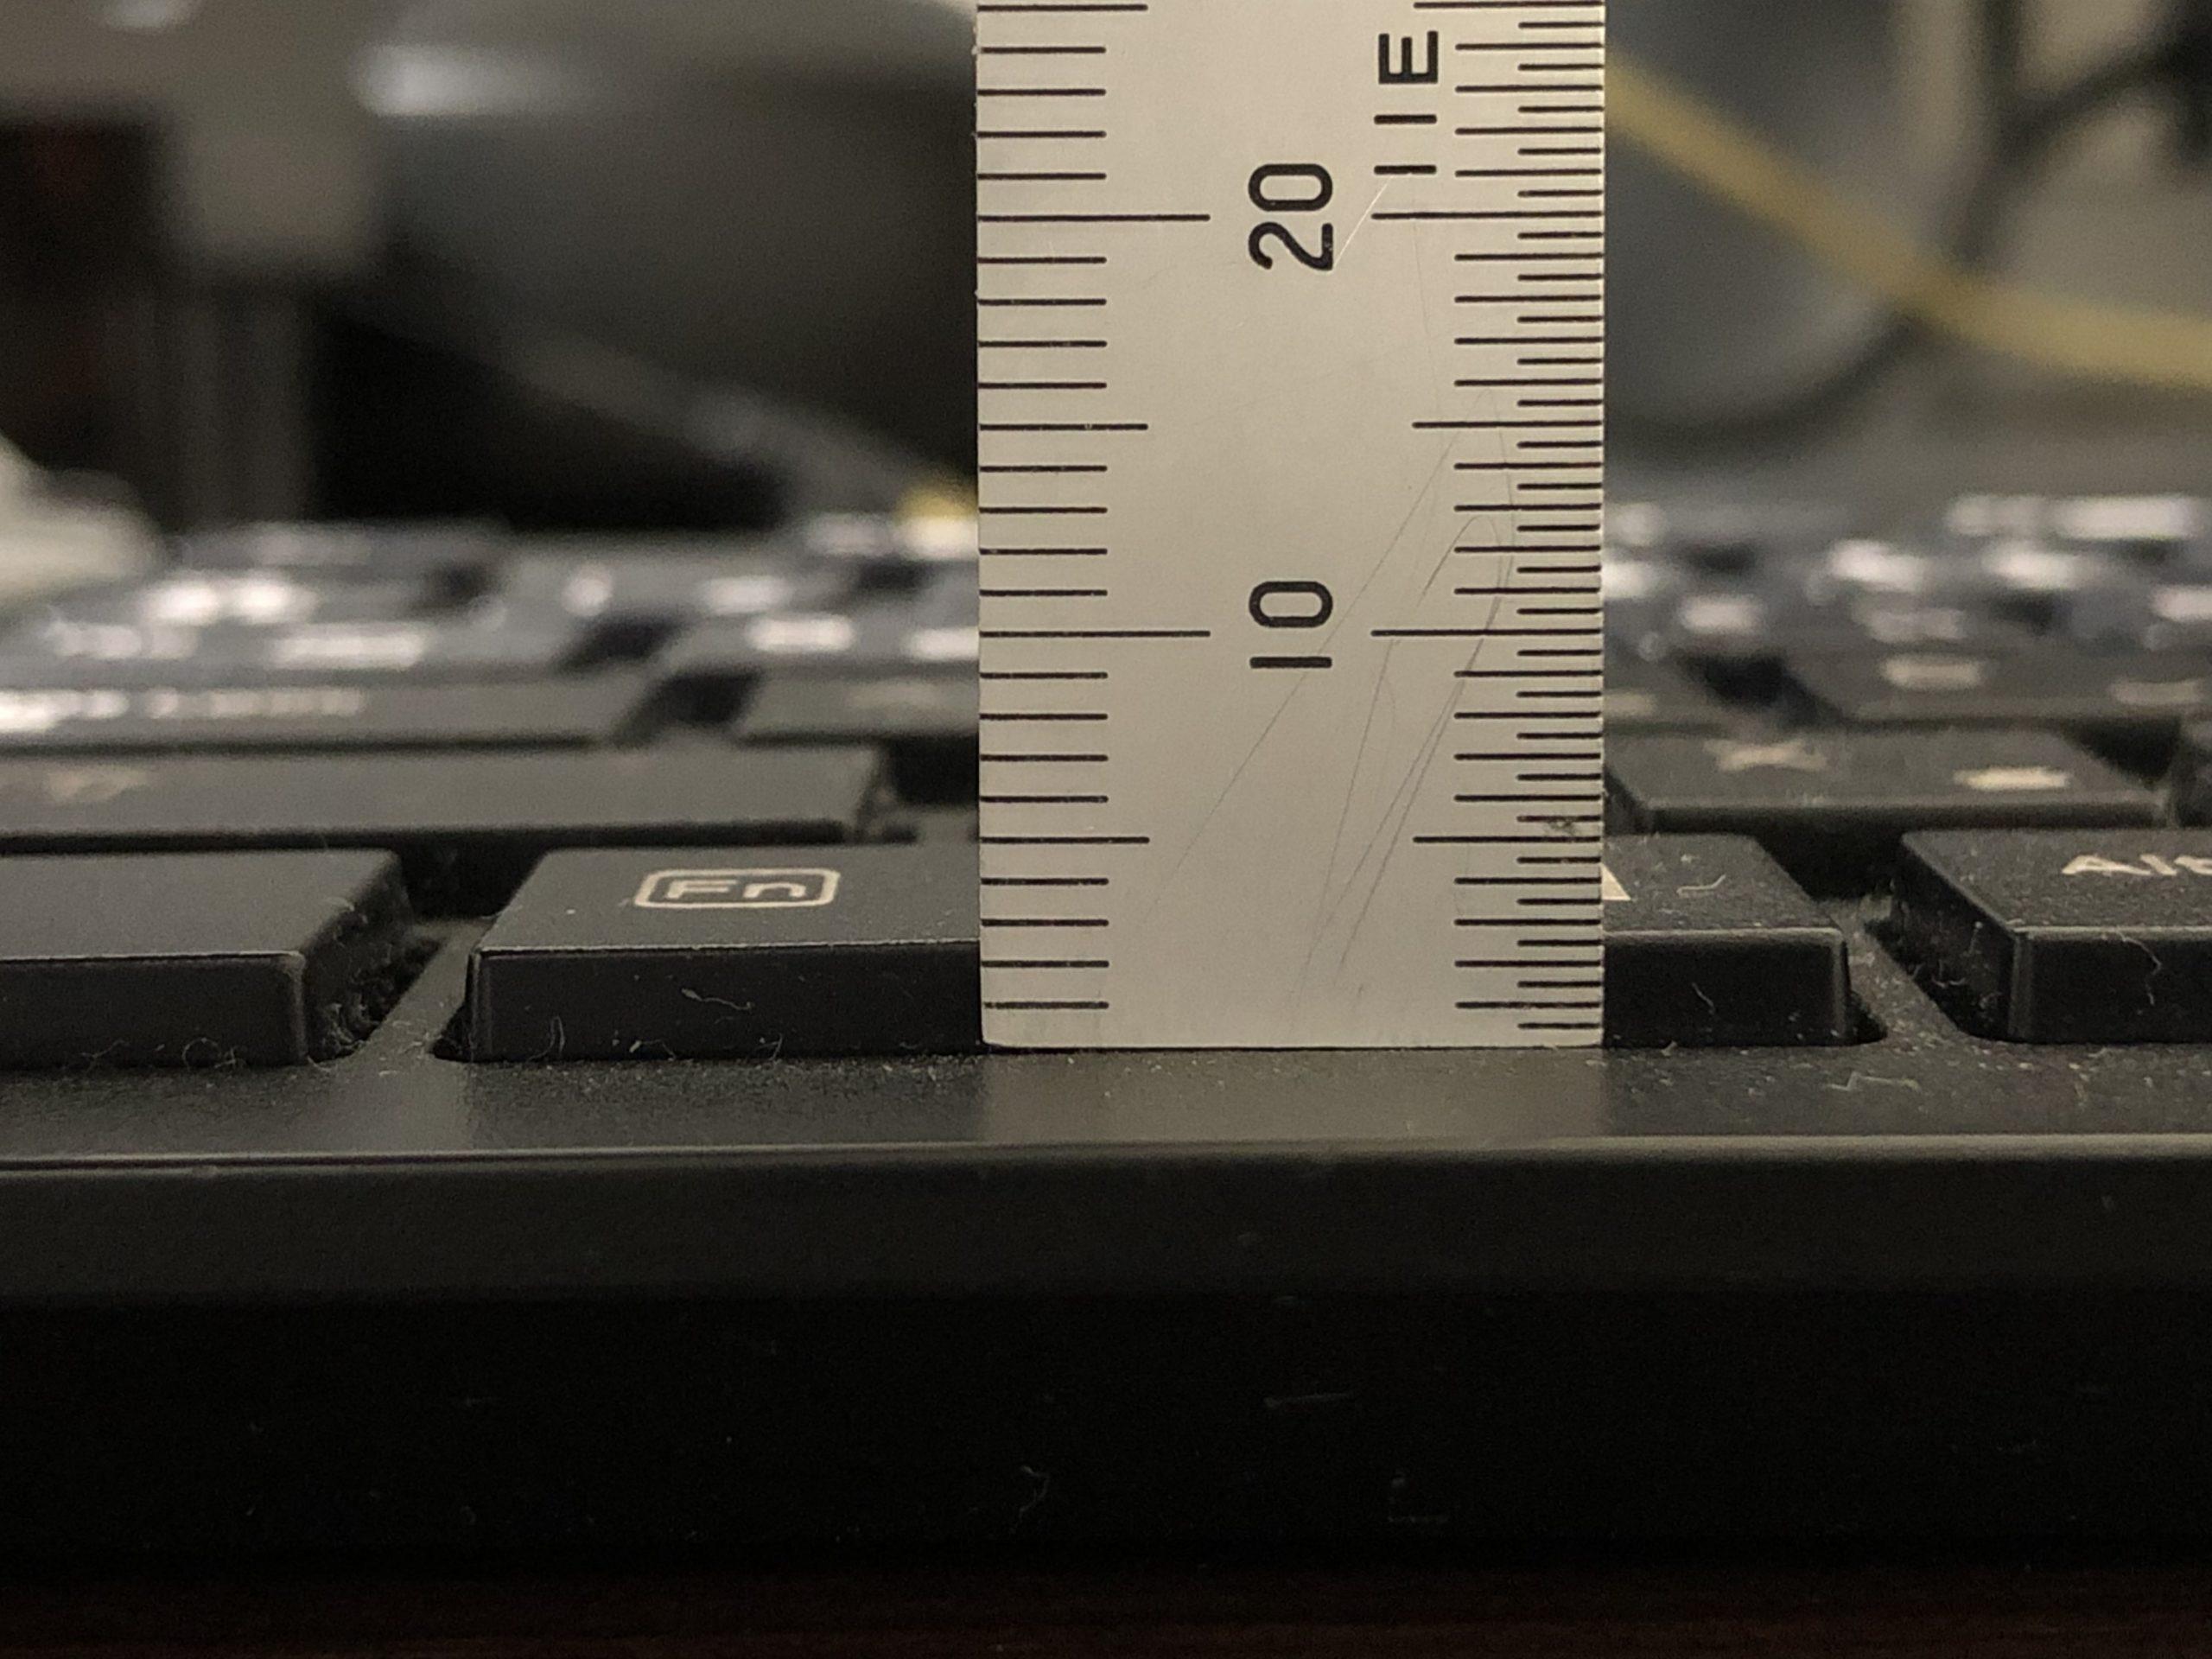 仕事PCのキーボードを再考する - ELECOM TK-SLP01BK/EC-10